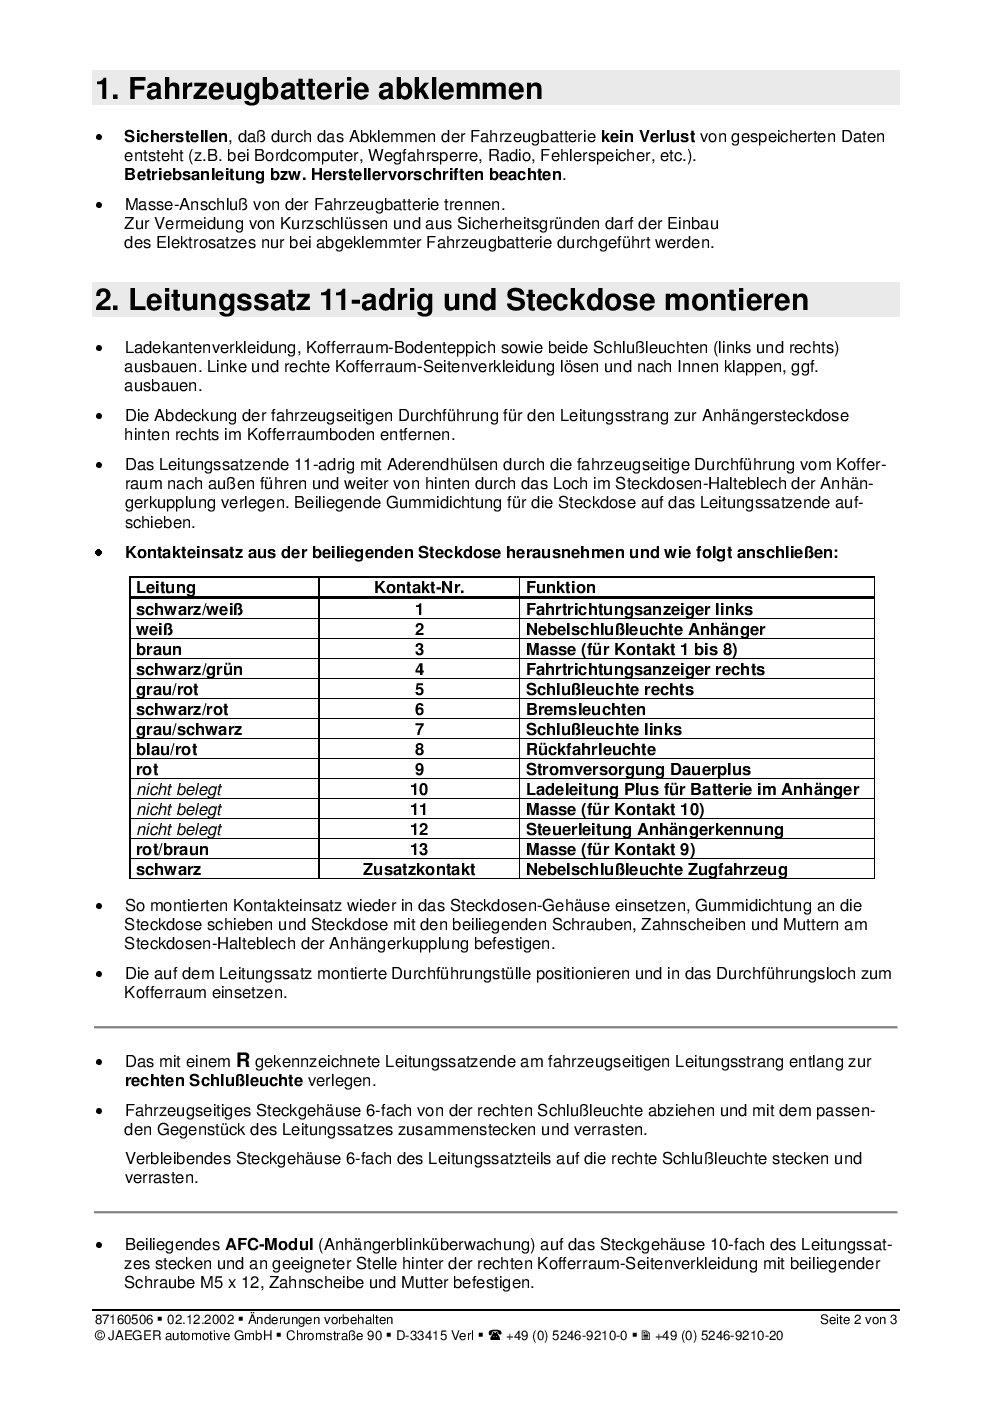 Tolle Anhängerstecker 7 Fach Ideen - Der Schaltplan ...